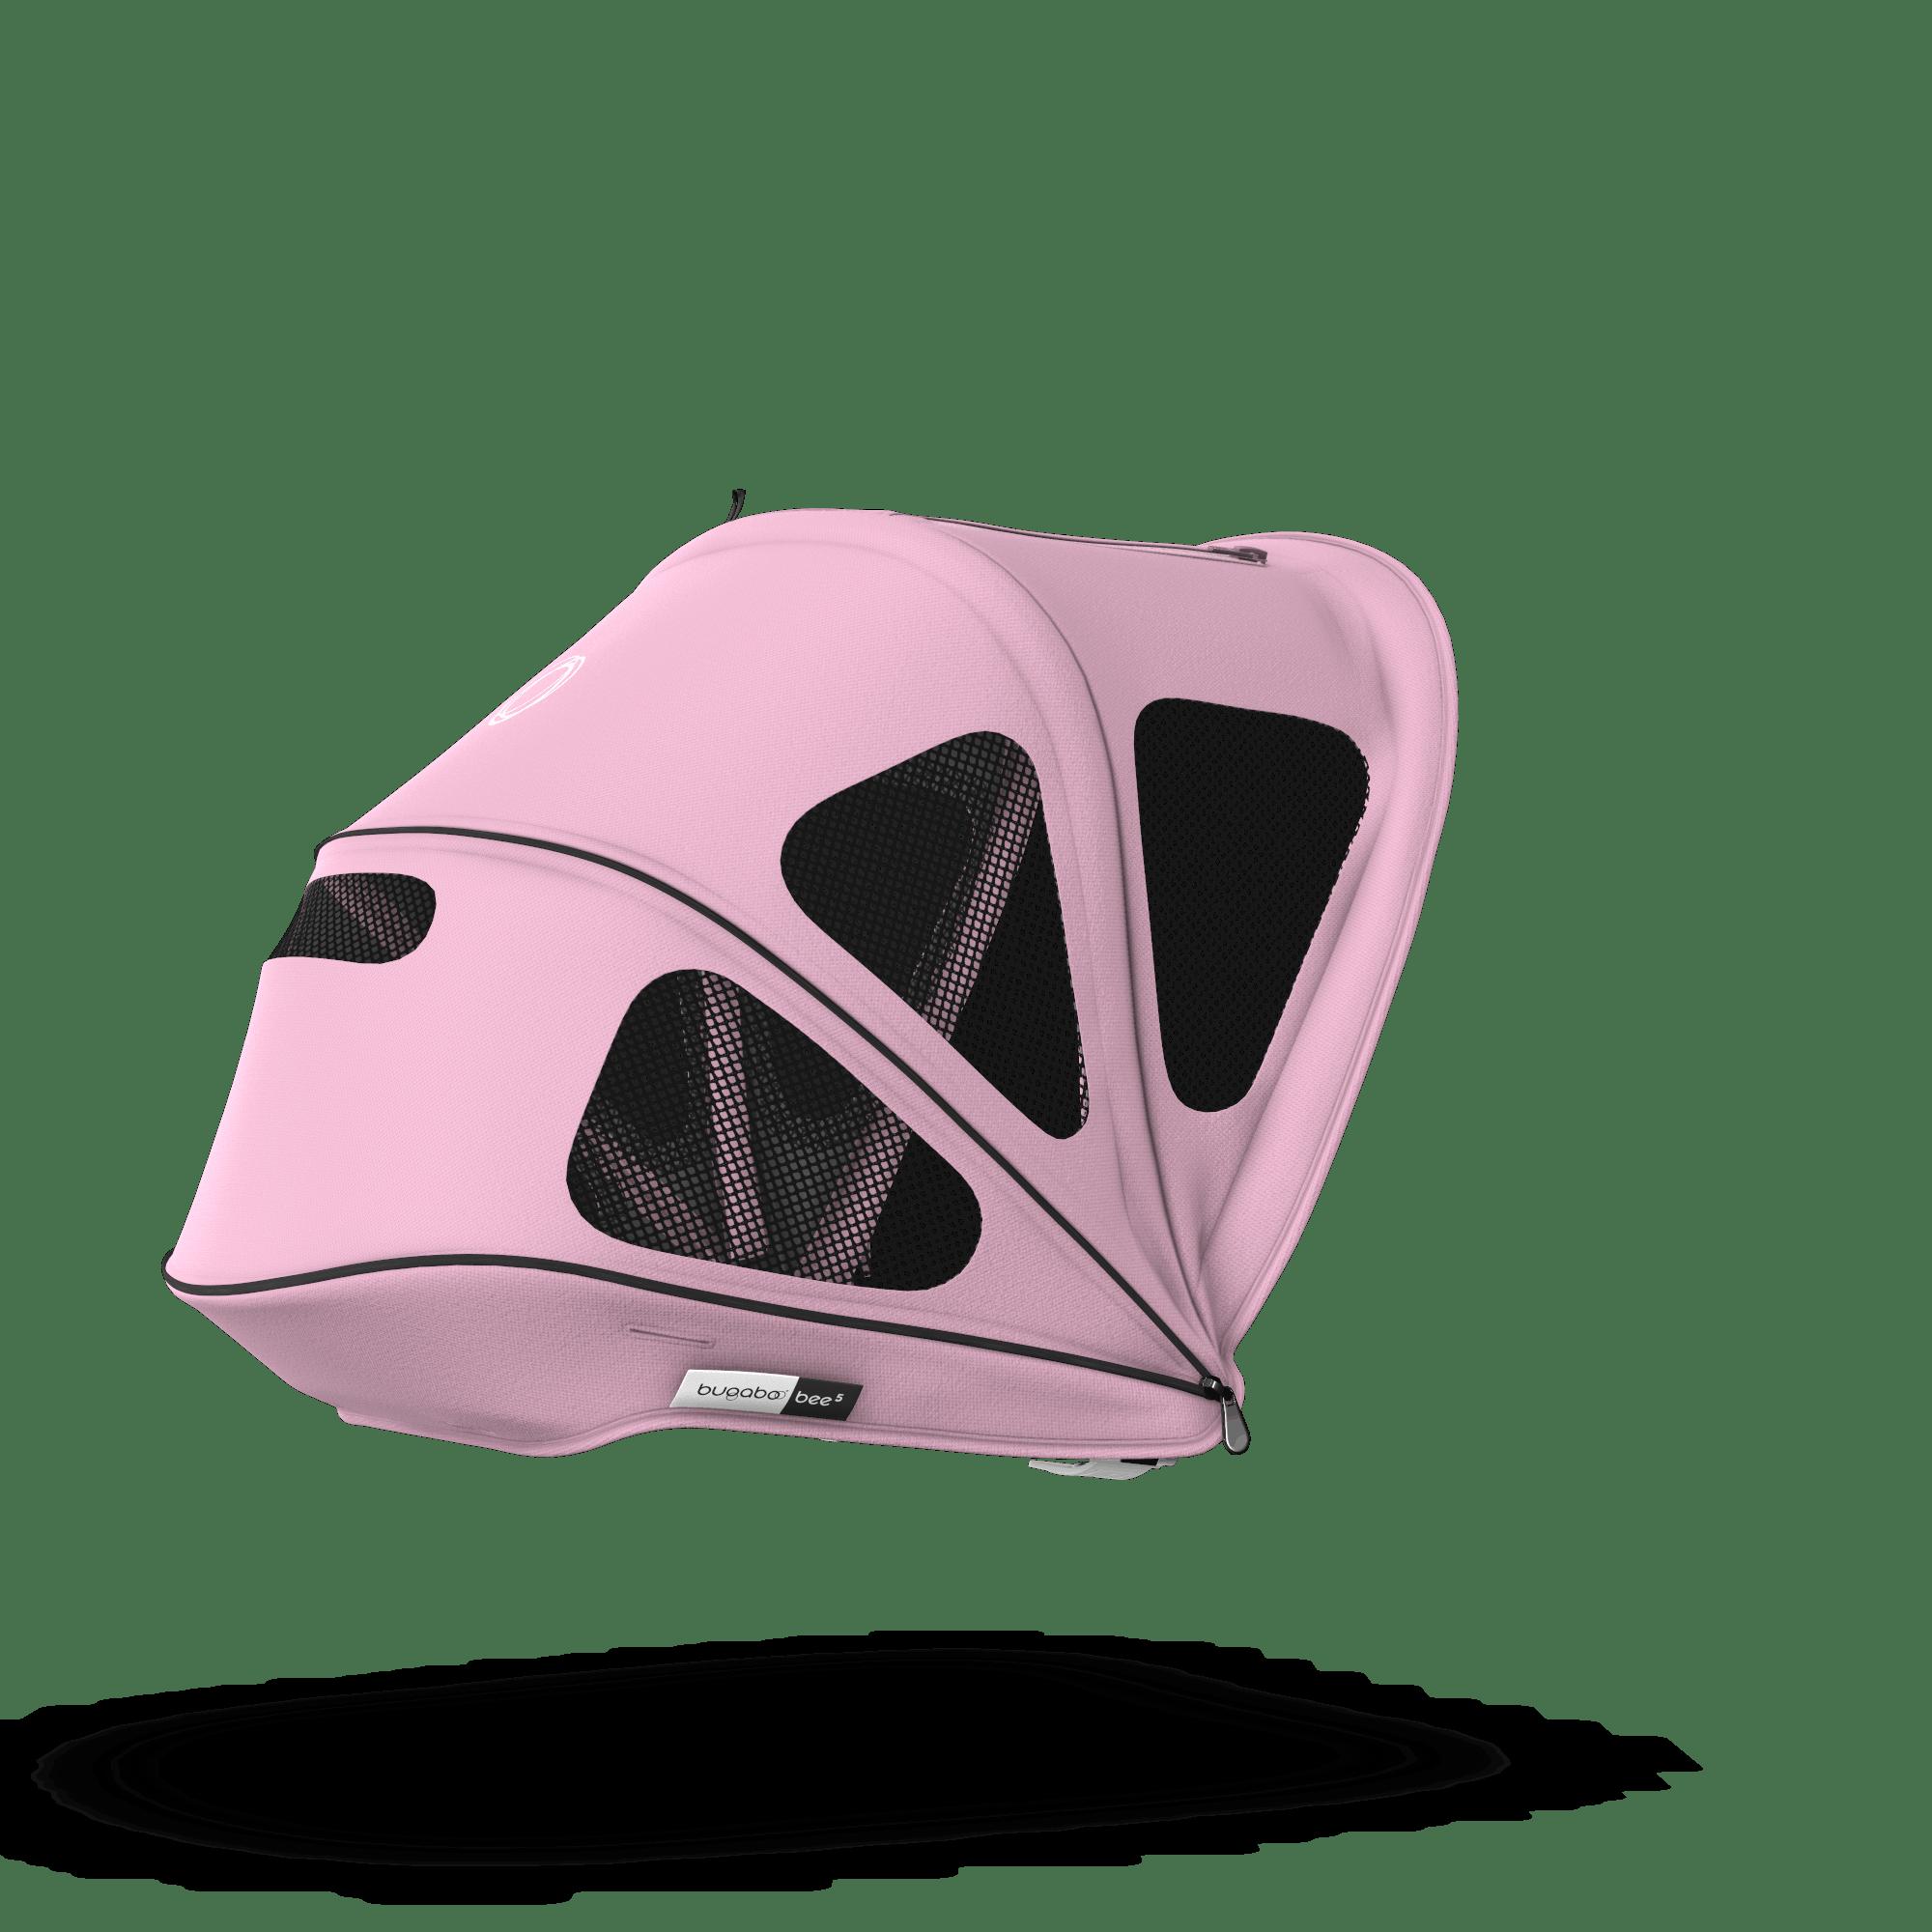 Bugaboo Bee 5 sonnendach mit lüftungsfenstern